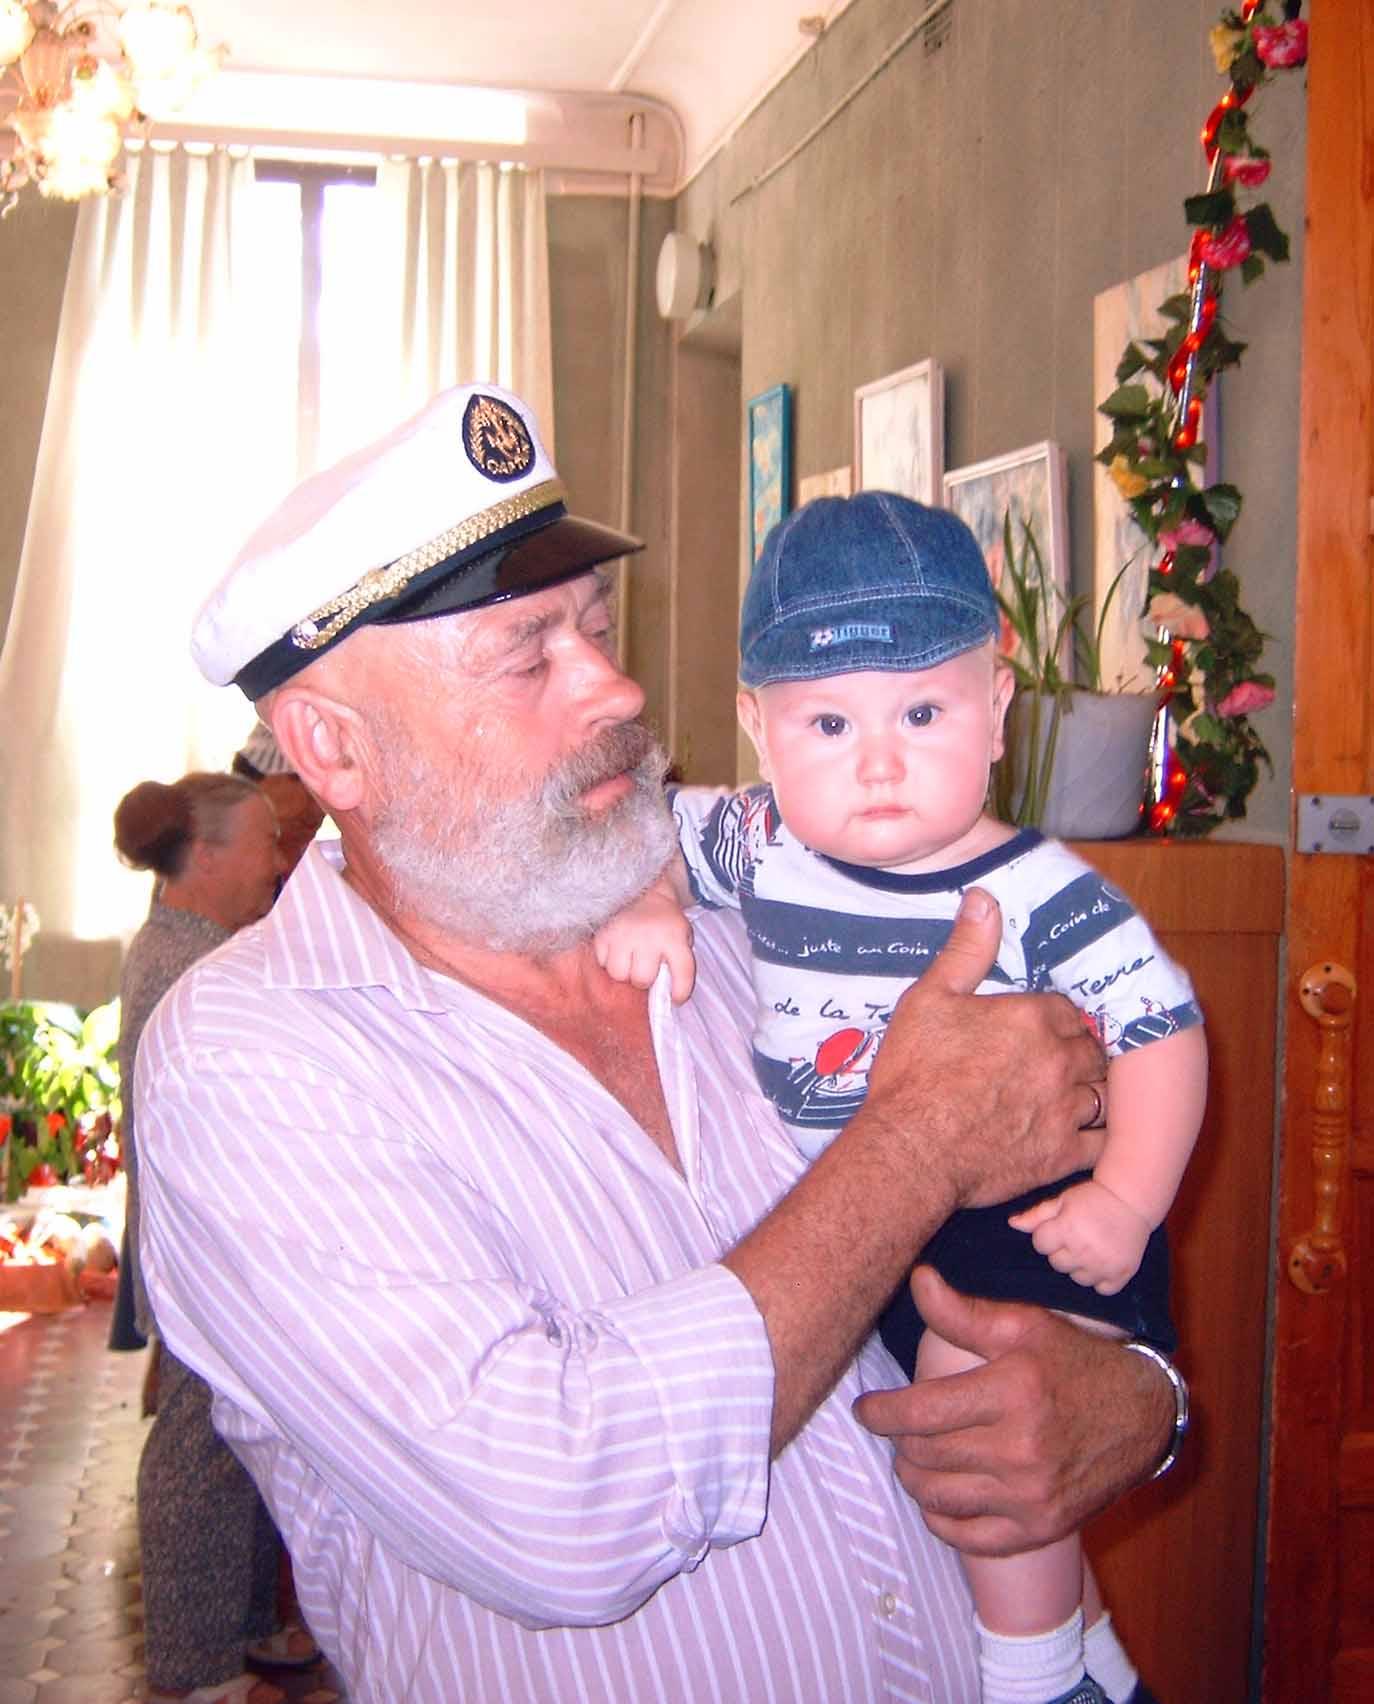 Мой дедушка капитан дальнего плавания и я буду таким же!. Стар и мал